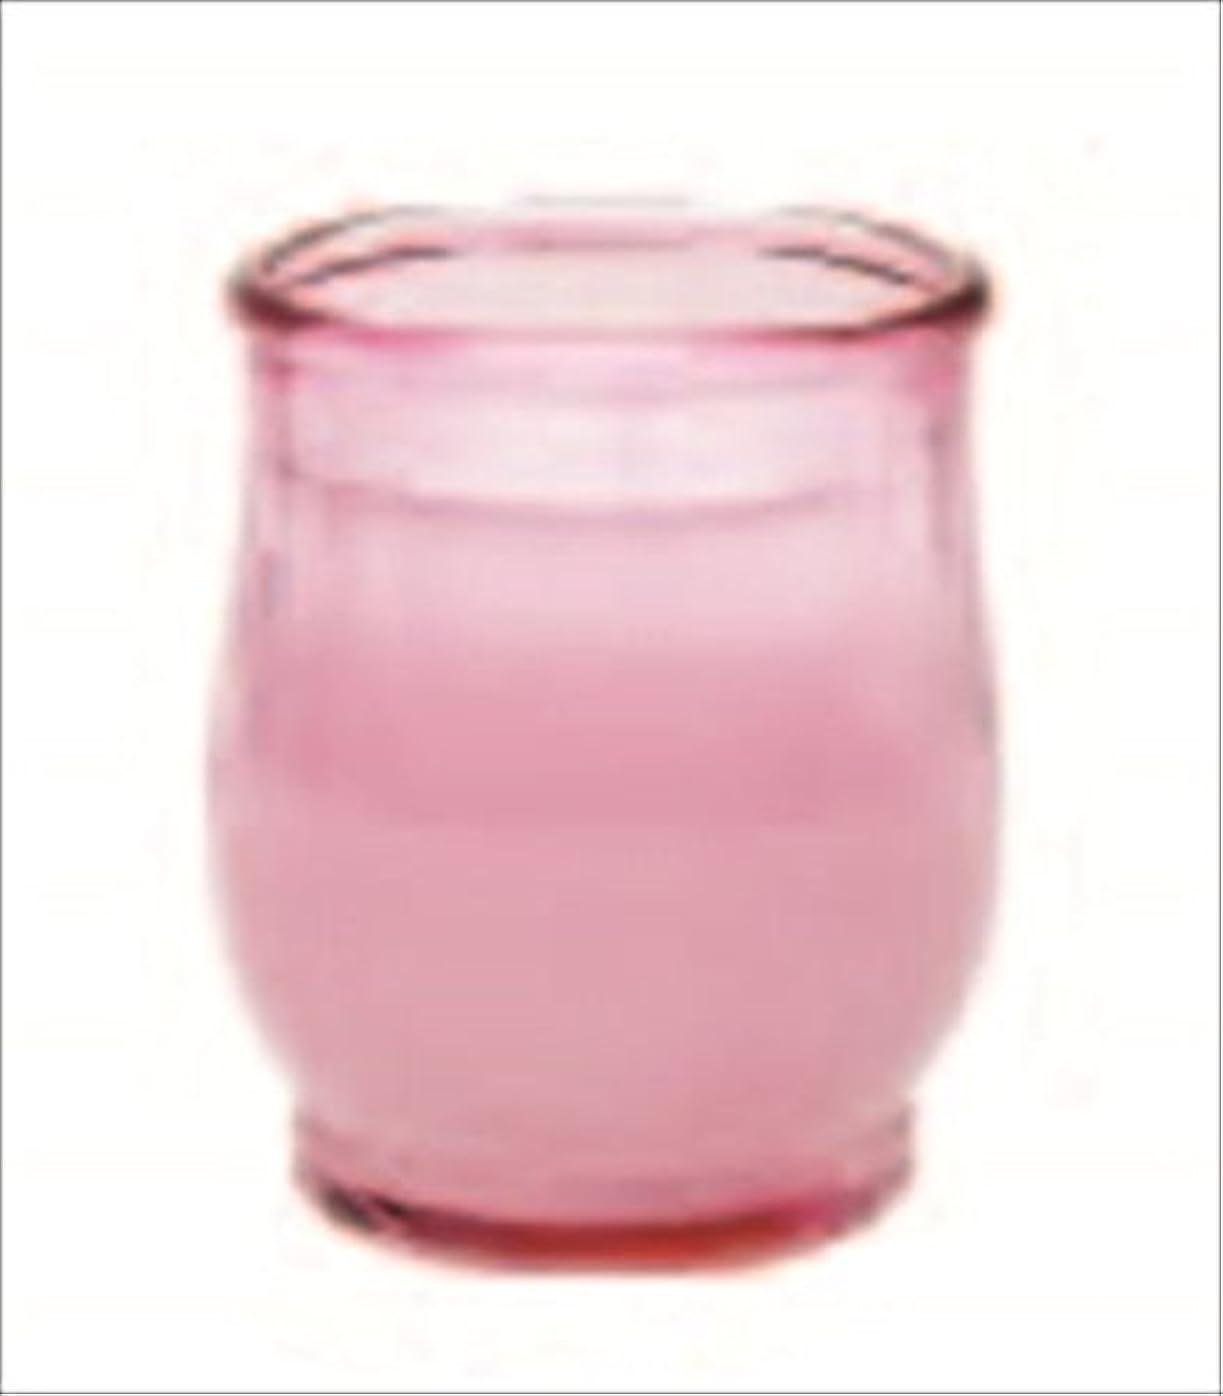 それどれでも幻滅するkameyama candle(カメヤマキャンドル) ポシェ 「 ピンク 」(73020040P)